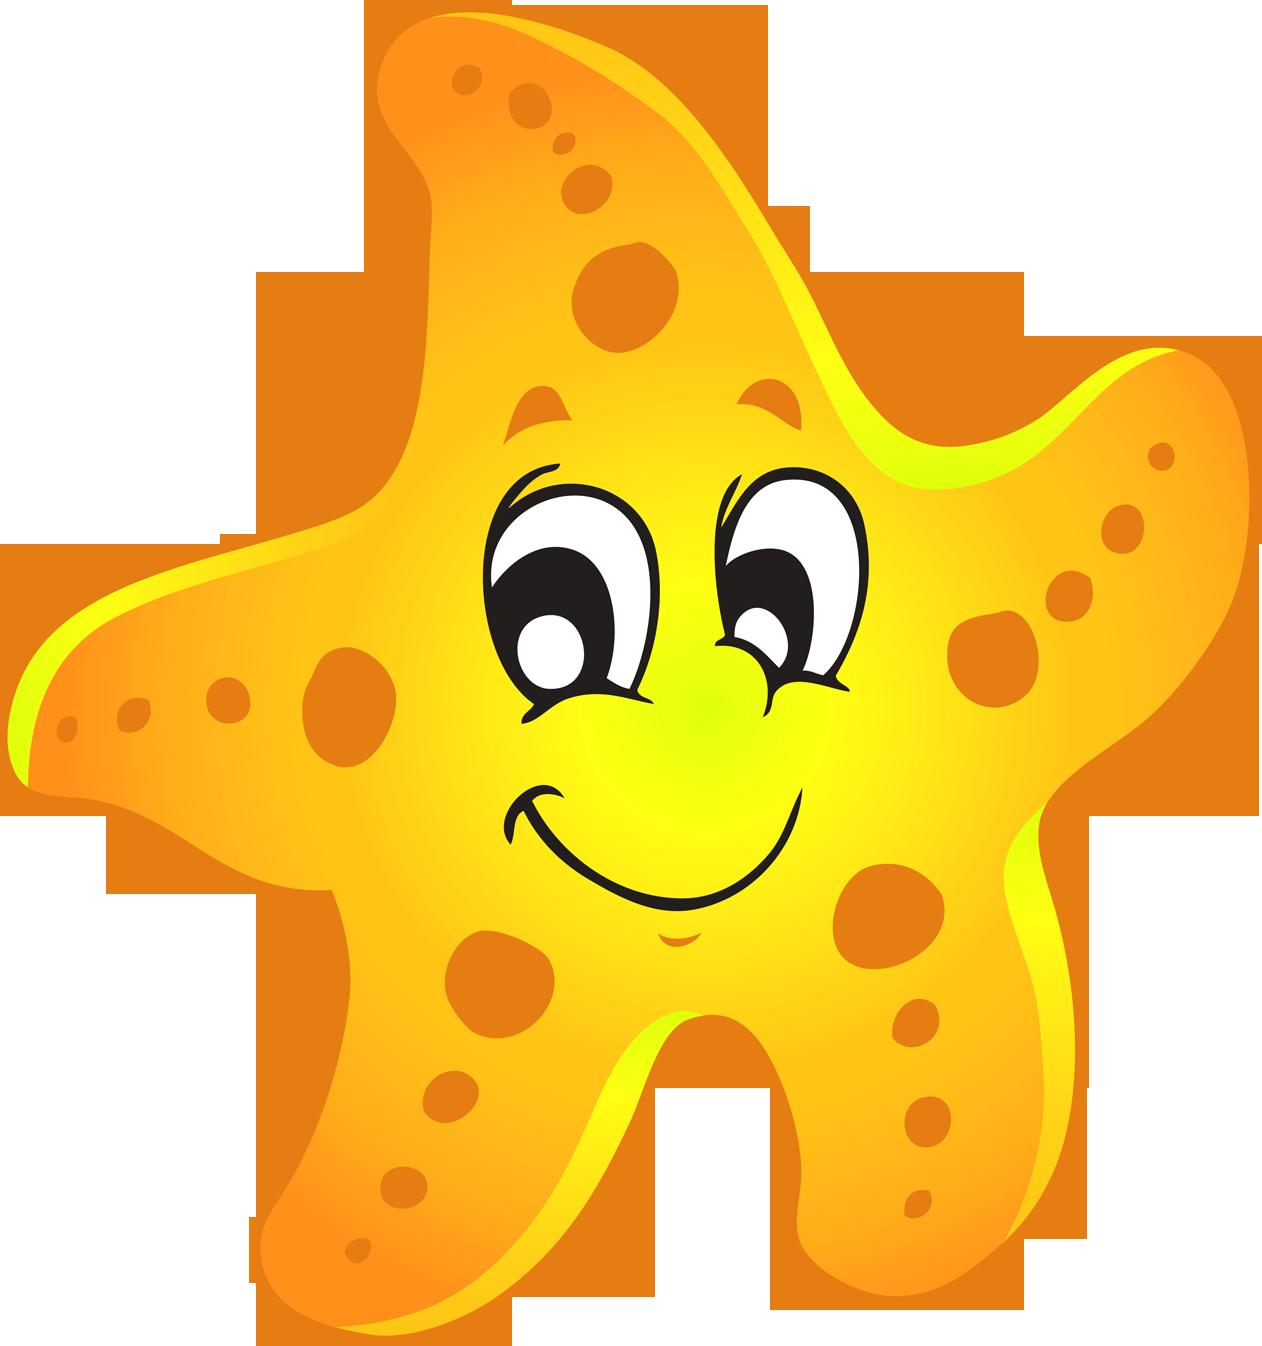 Baby starfish clipart.